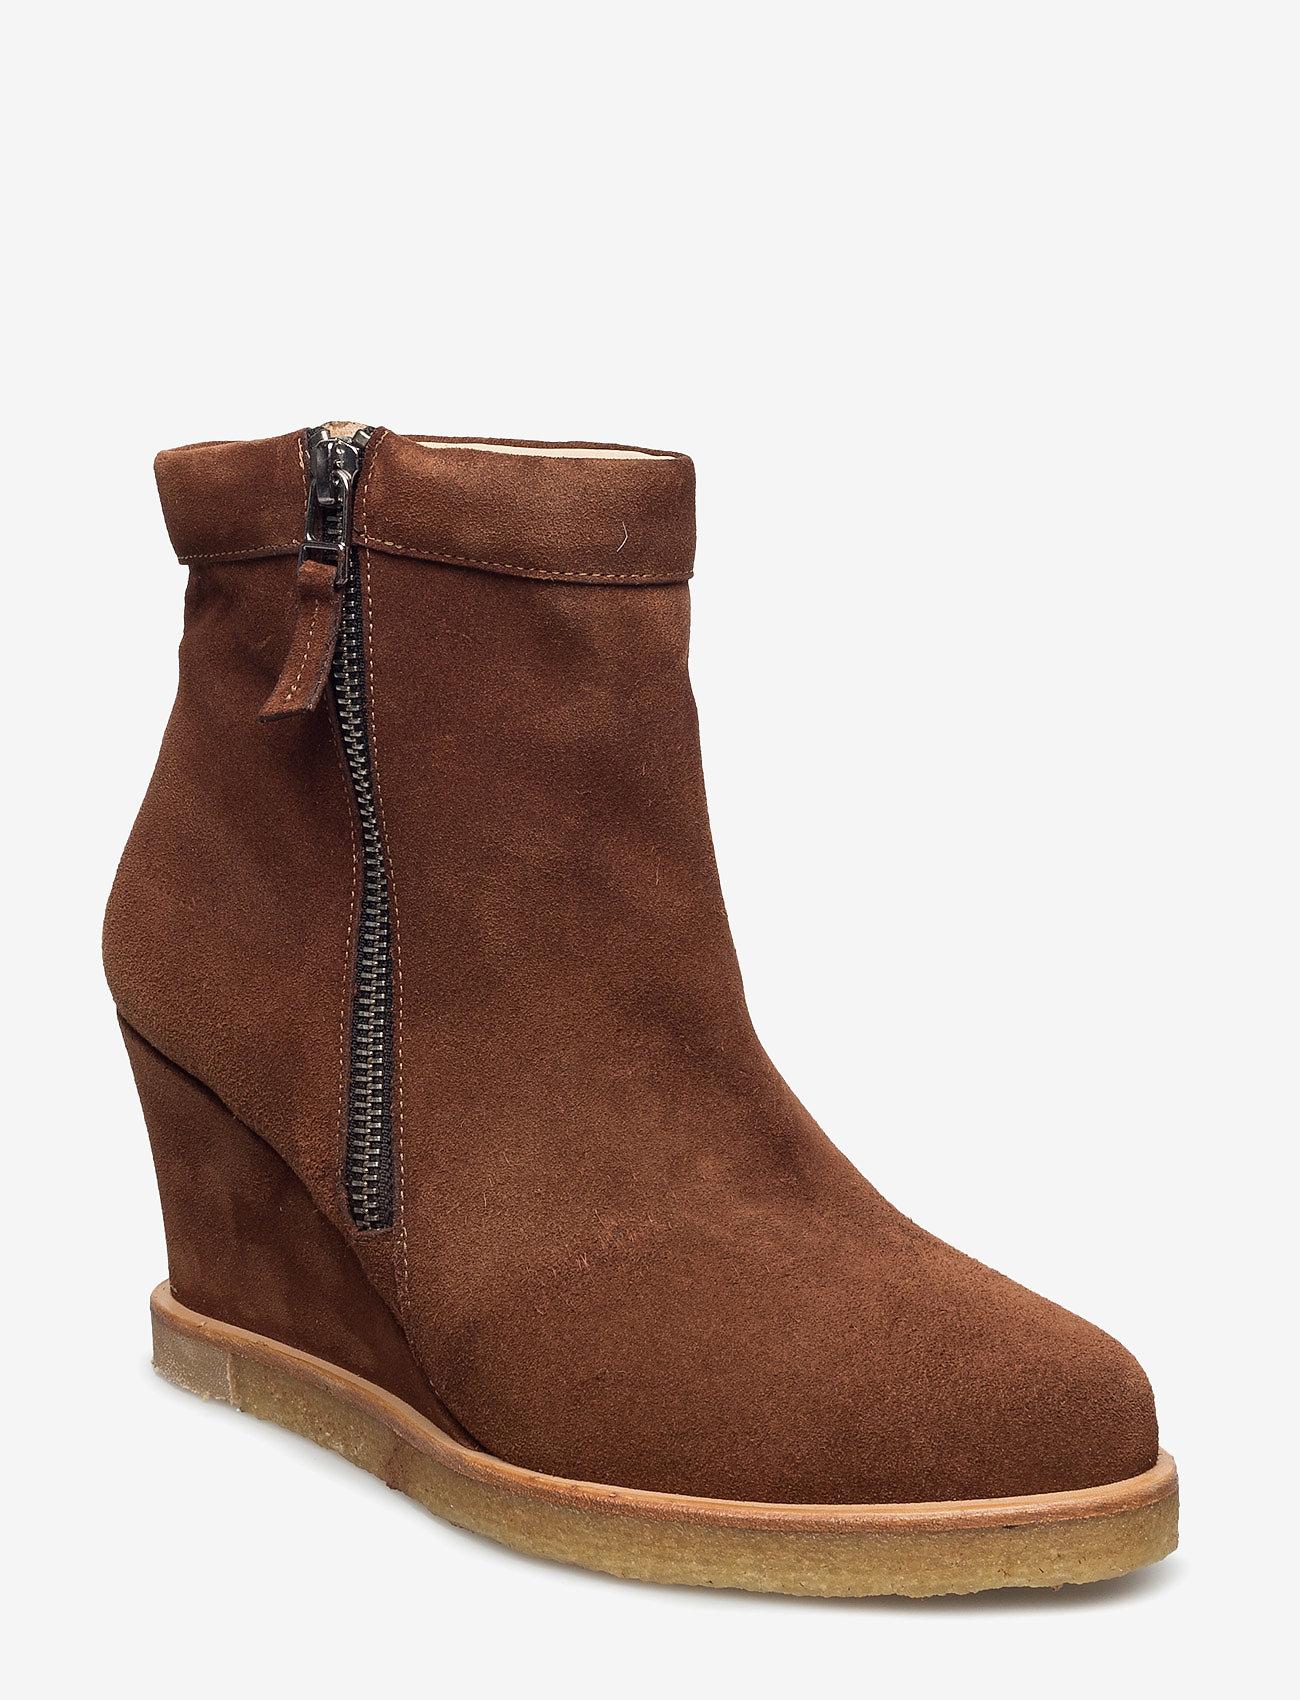 ANGULUS - Boots - wedge - bottes d'hiver - 1166 cognac - 0